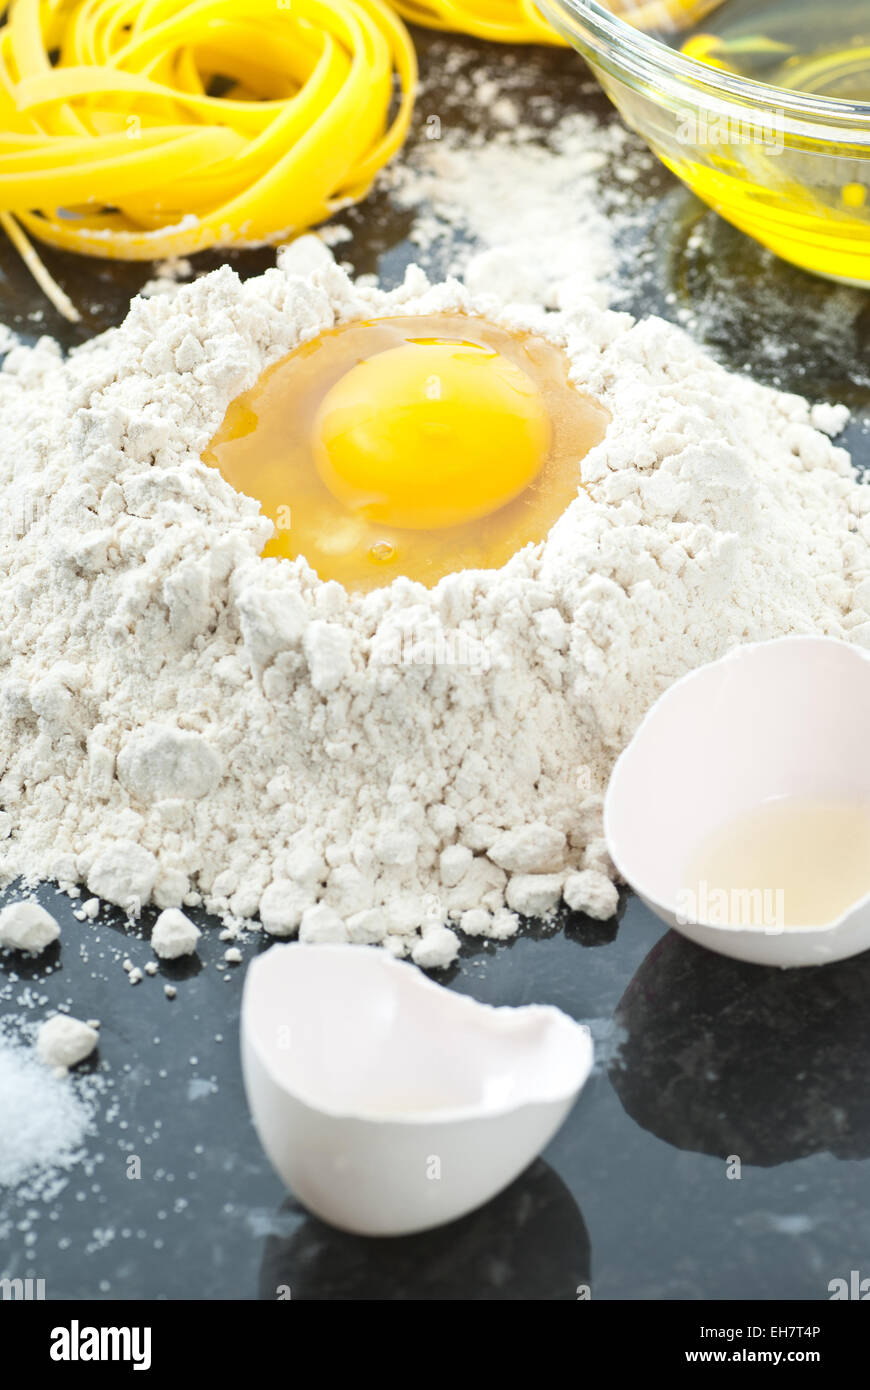 Ingredientes para las pastas caseras. Foto de stock